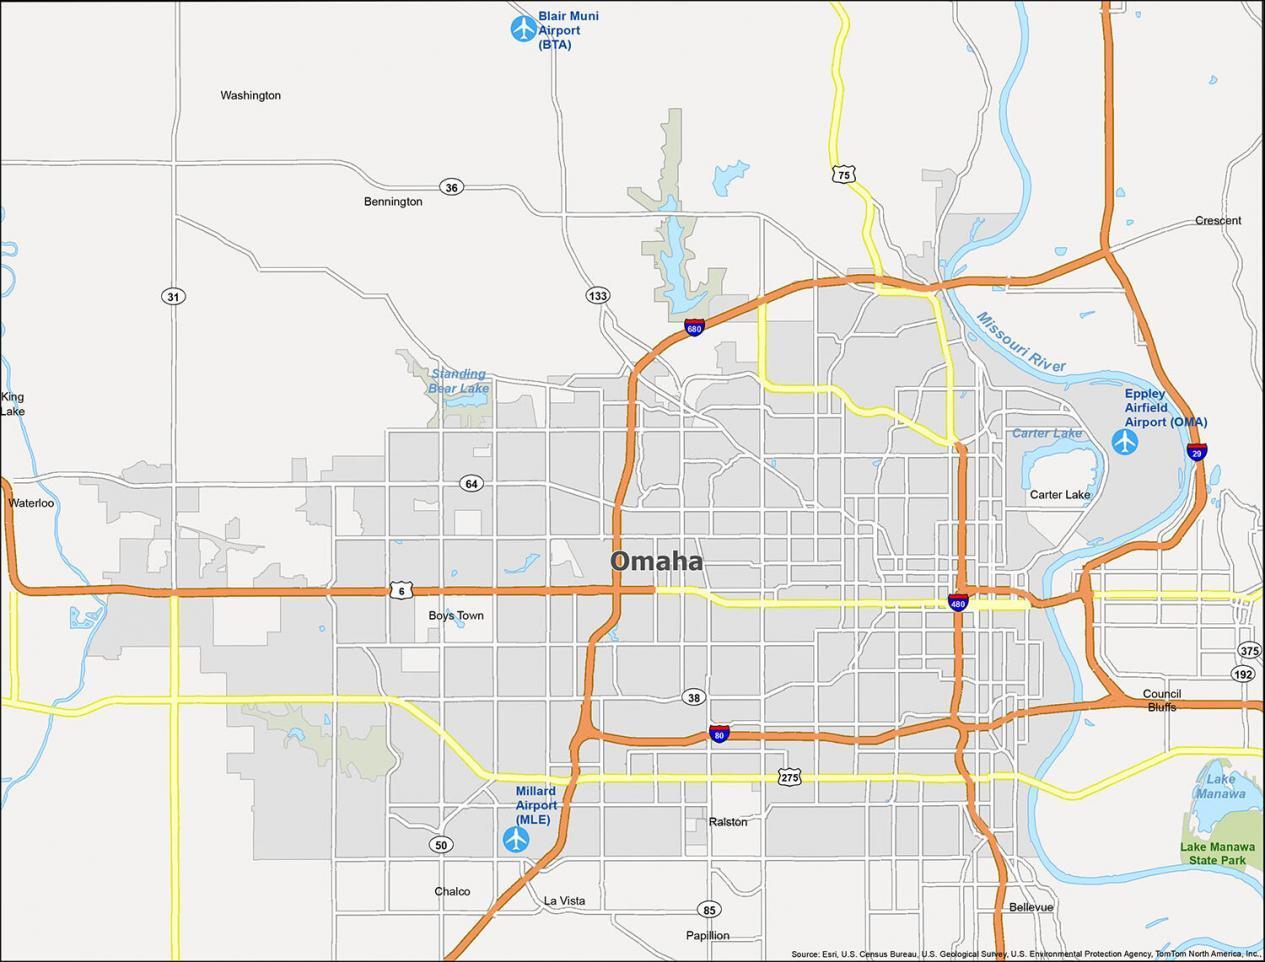 Omaha Map Nebraska